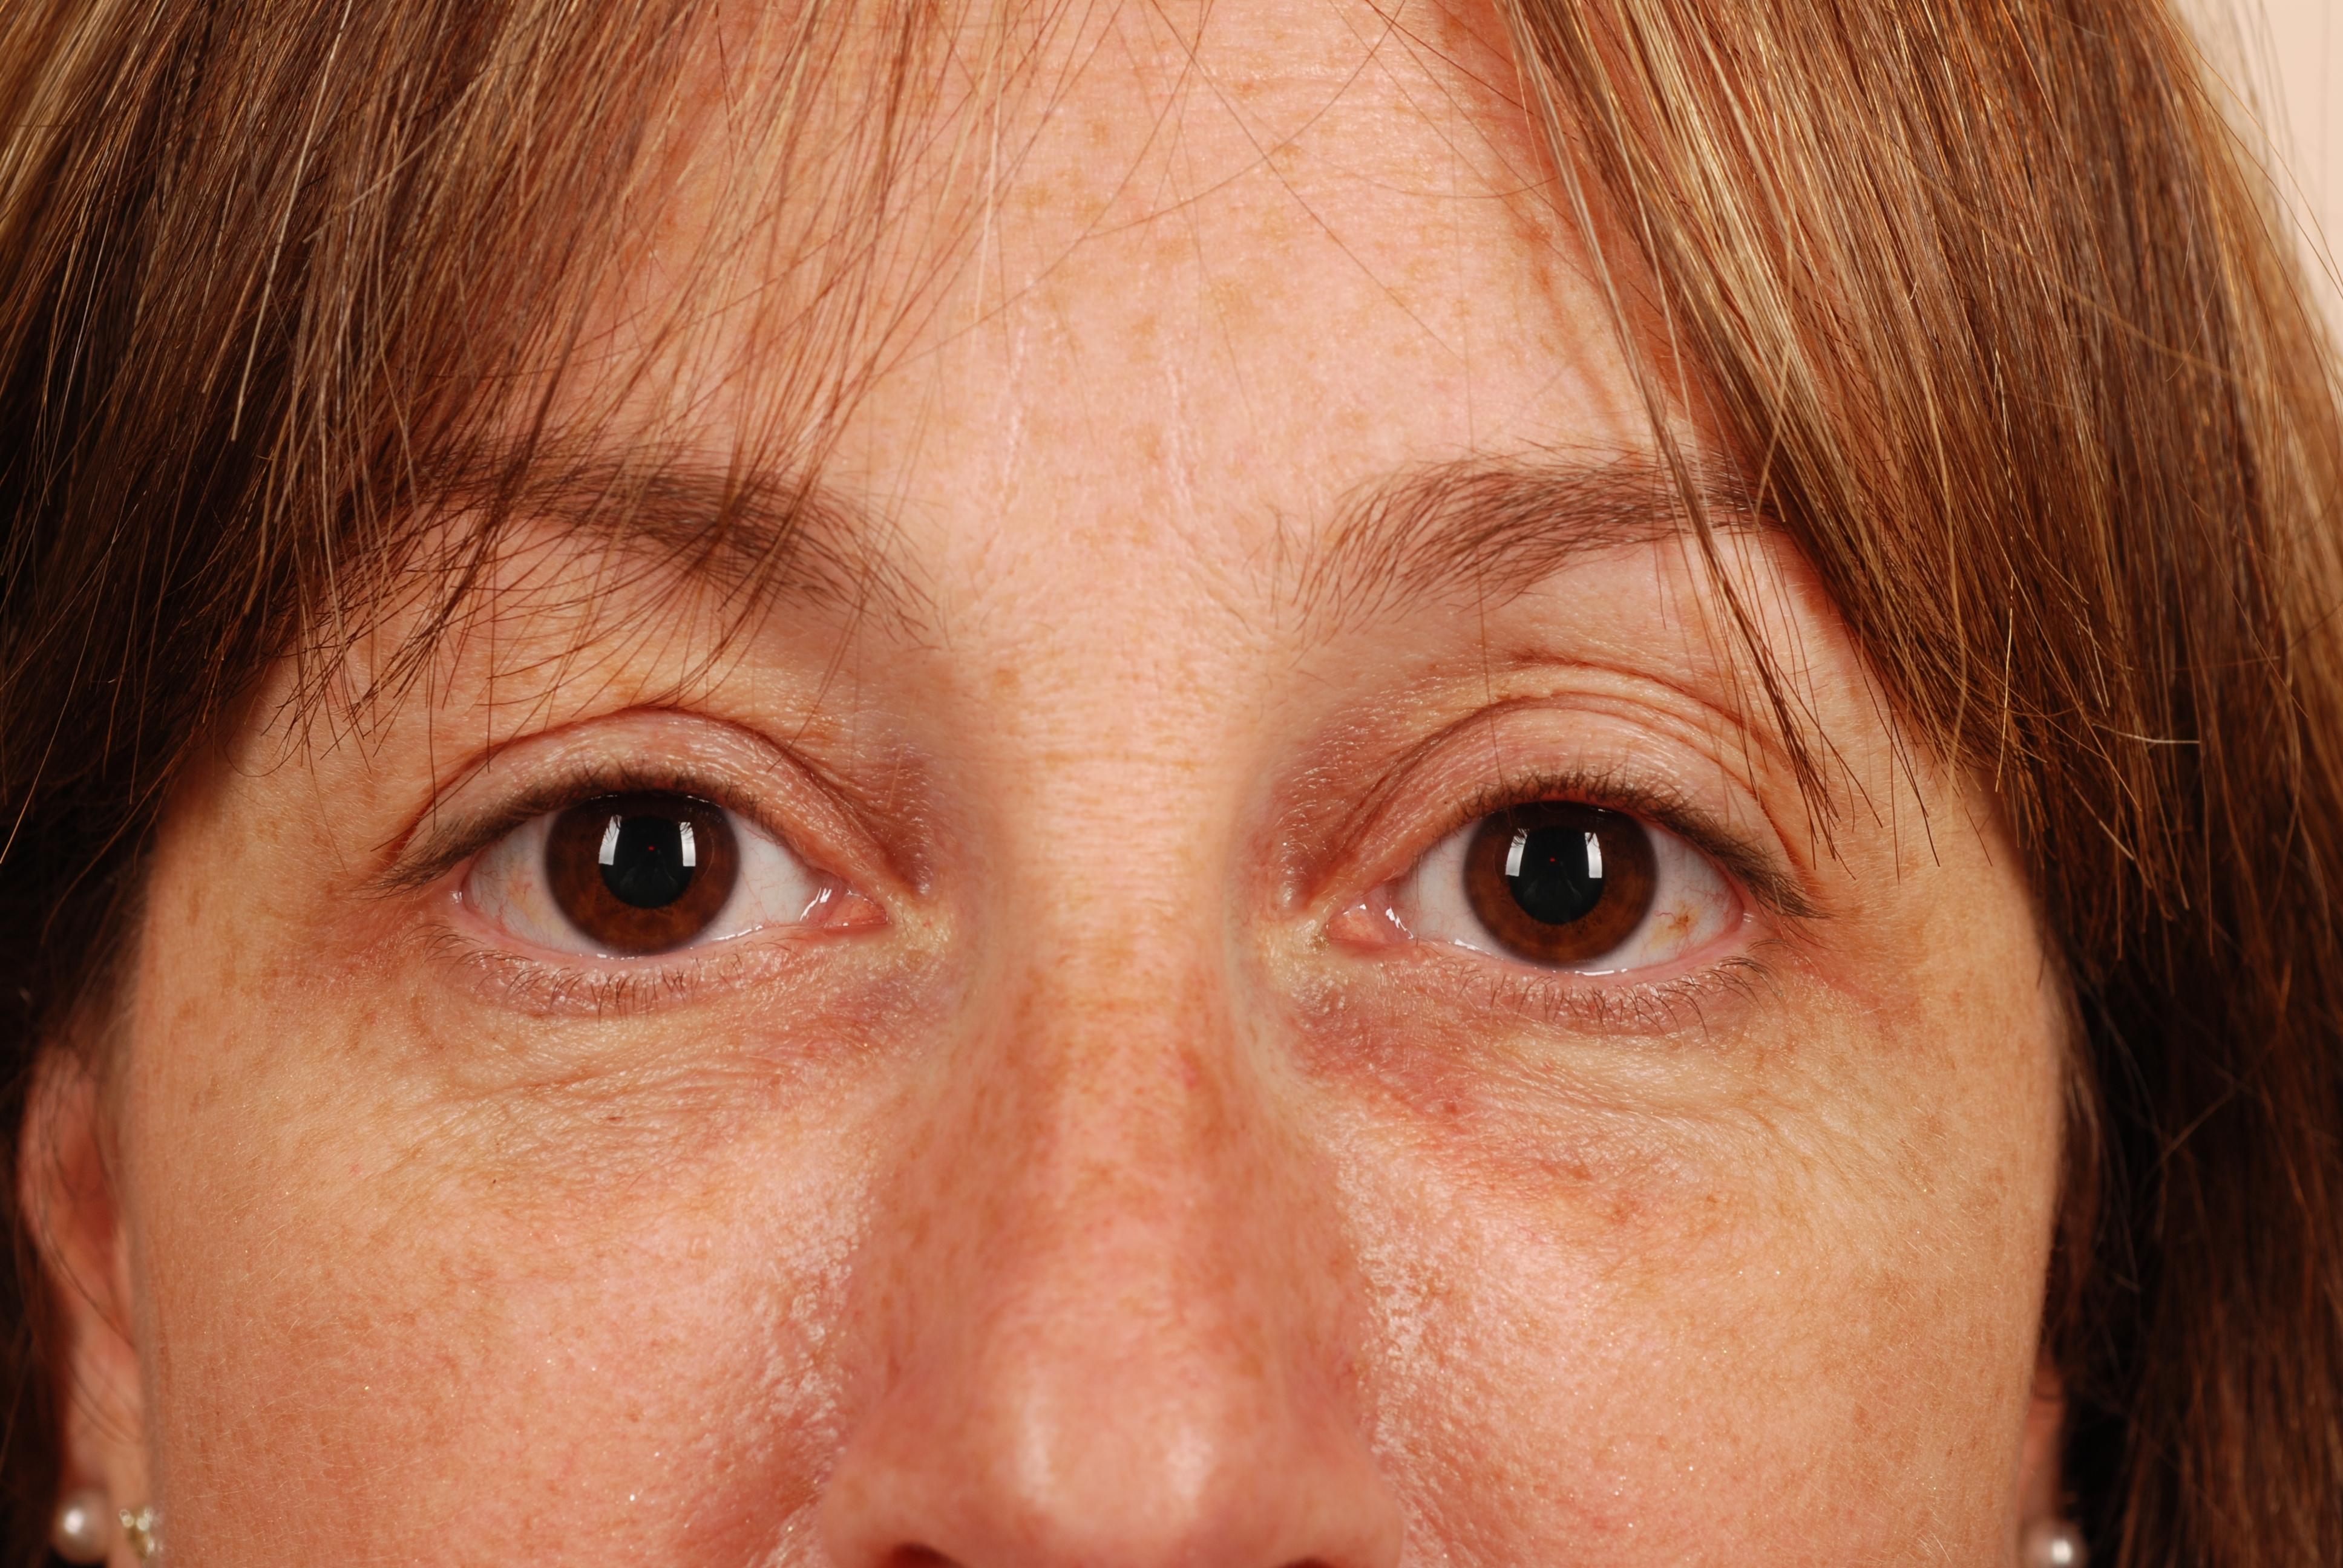 sunken eyes meaning - HD3872×2592